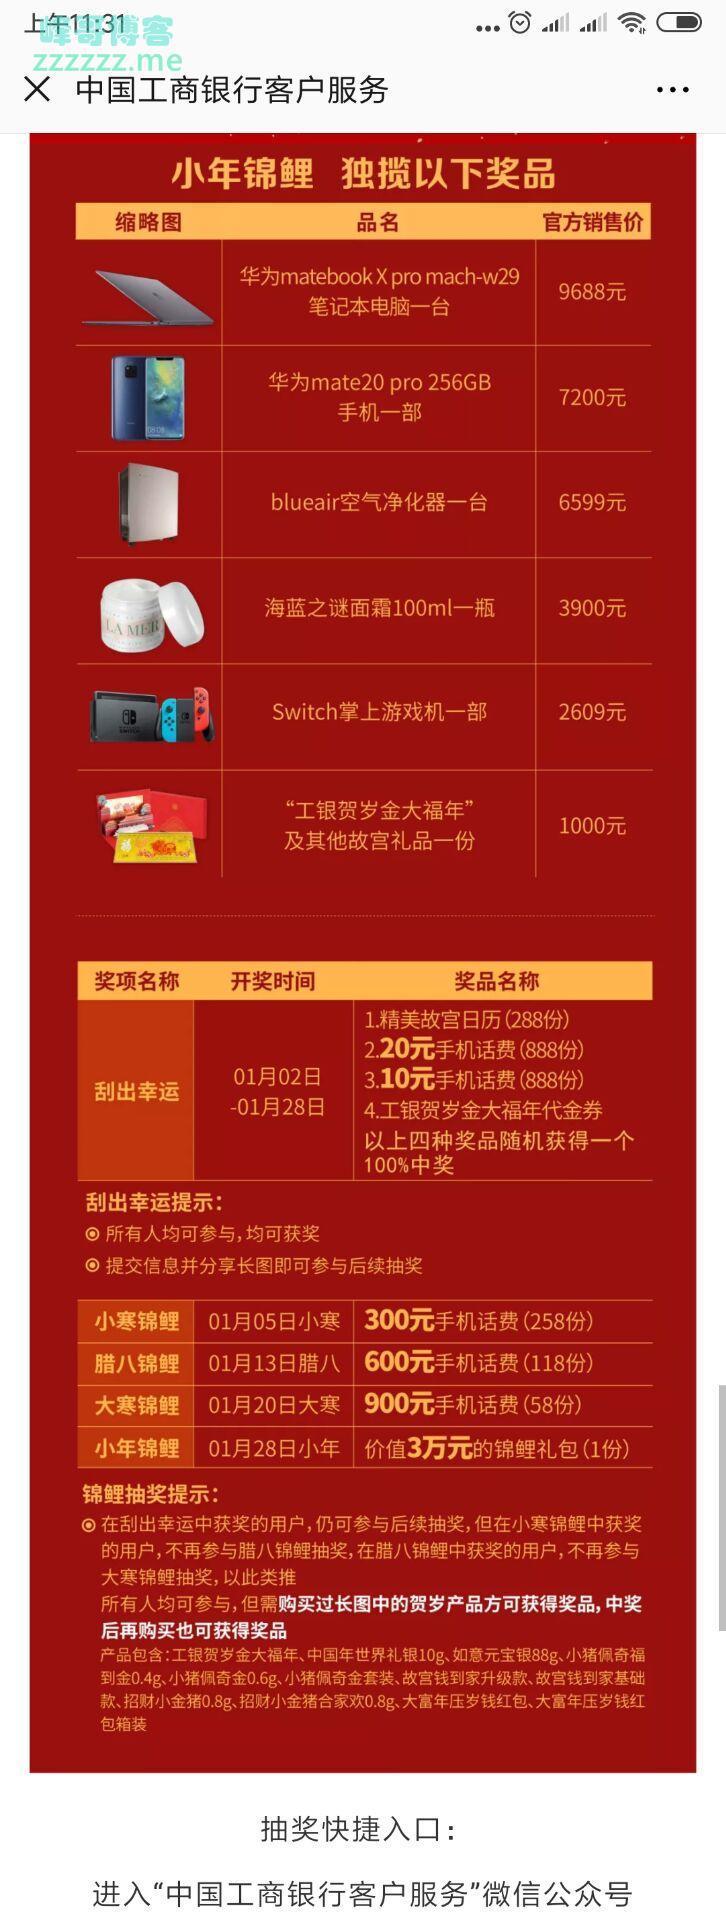 < 中国工商银行客户服务  >  百分百中奖,大奖3万(截止 1 月 29  日)